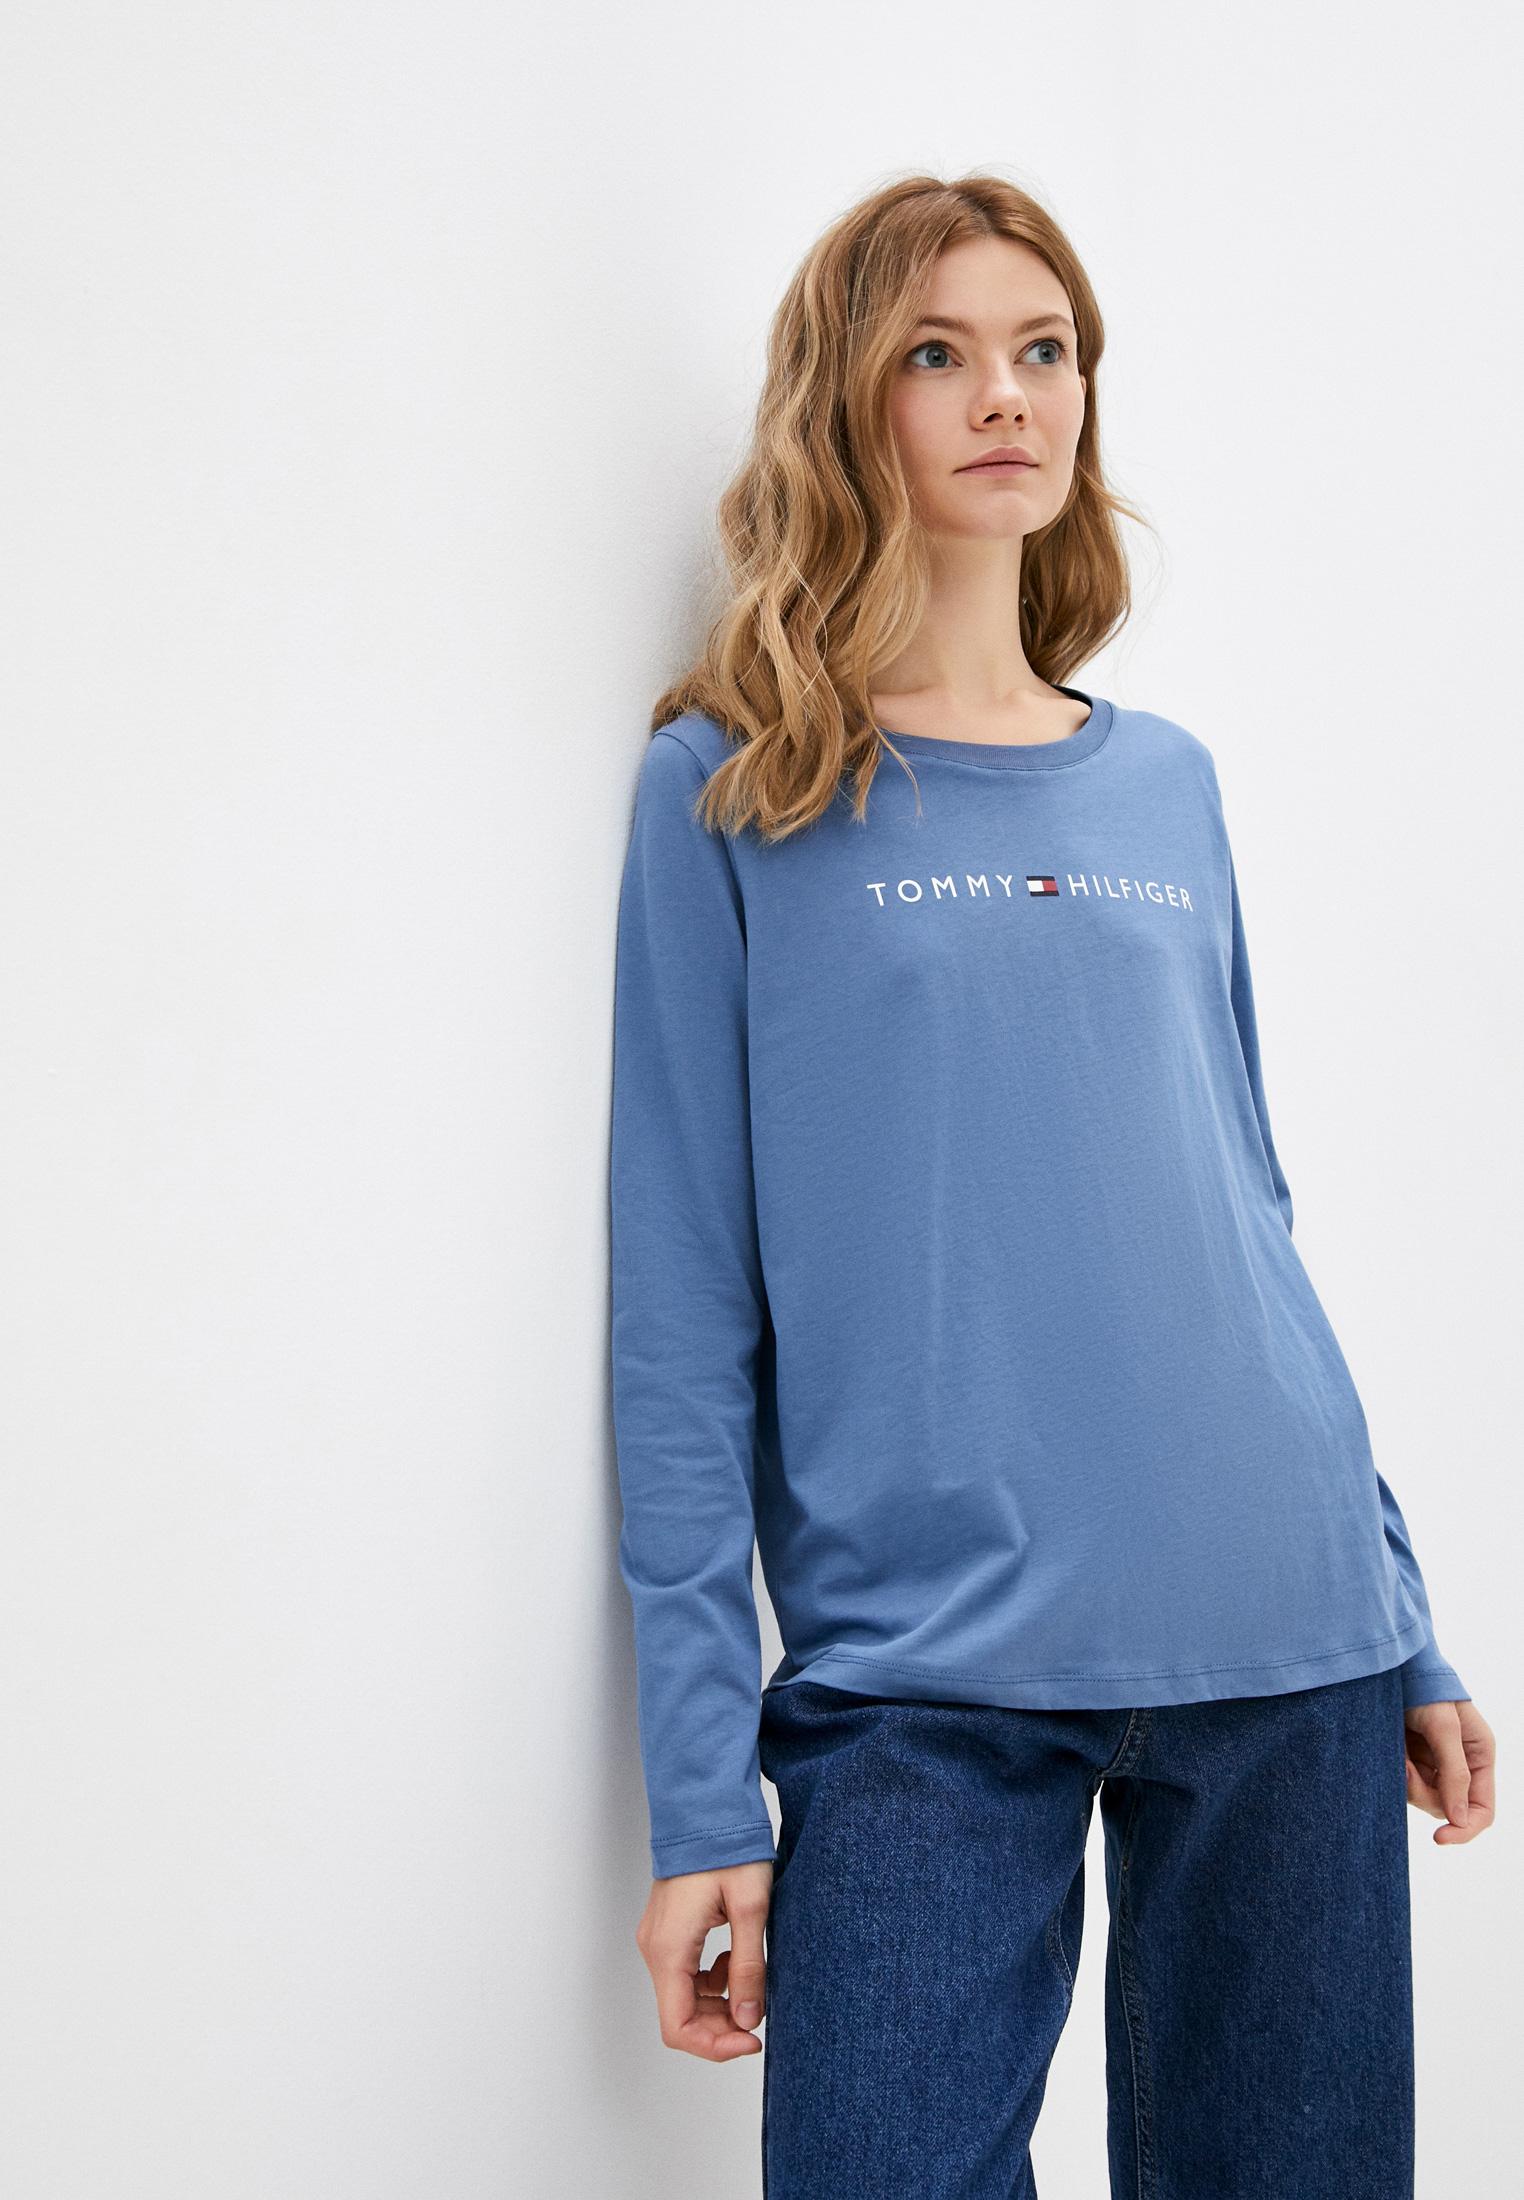 Домашняя футболка Tommy Hilfiger (Томми Хилфигер) Лонгслив домашний Tommy Hilfiger